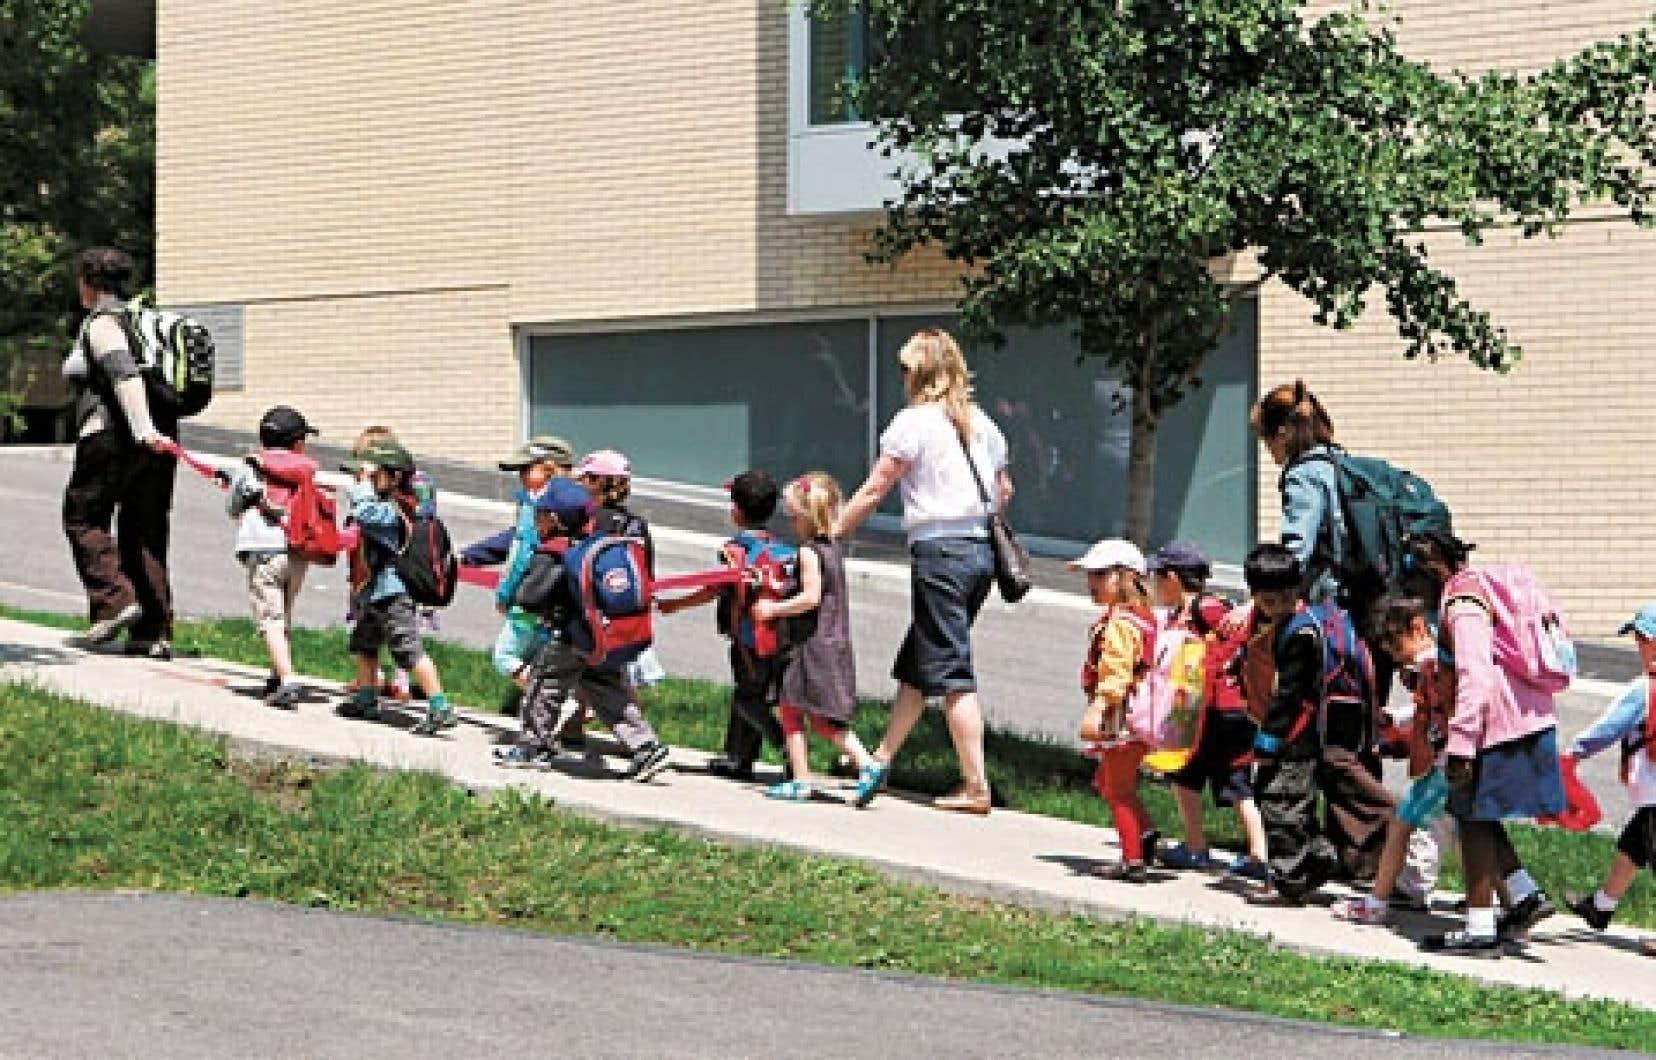 Les expériences en service de garde peuvent mieux préparer les enfants à faire leurs premiers pas à l'école.